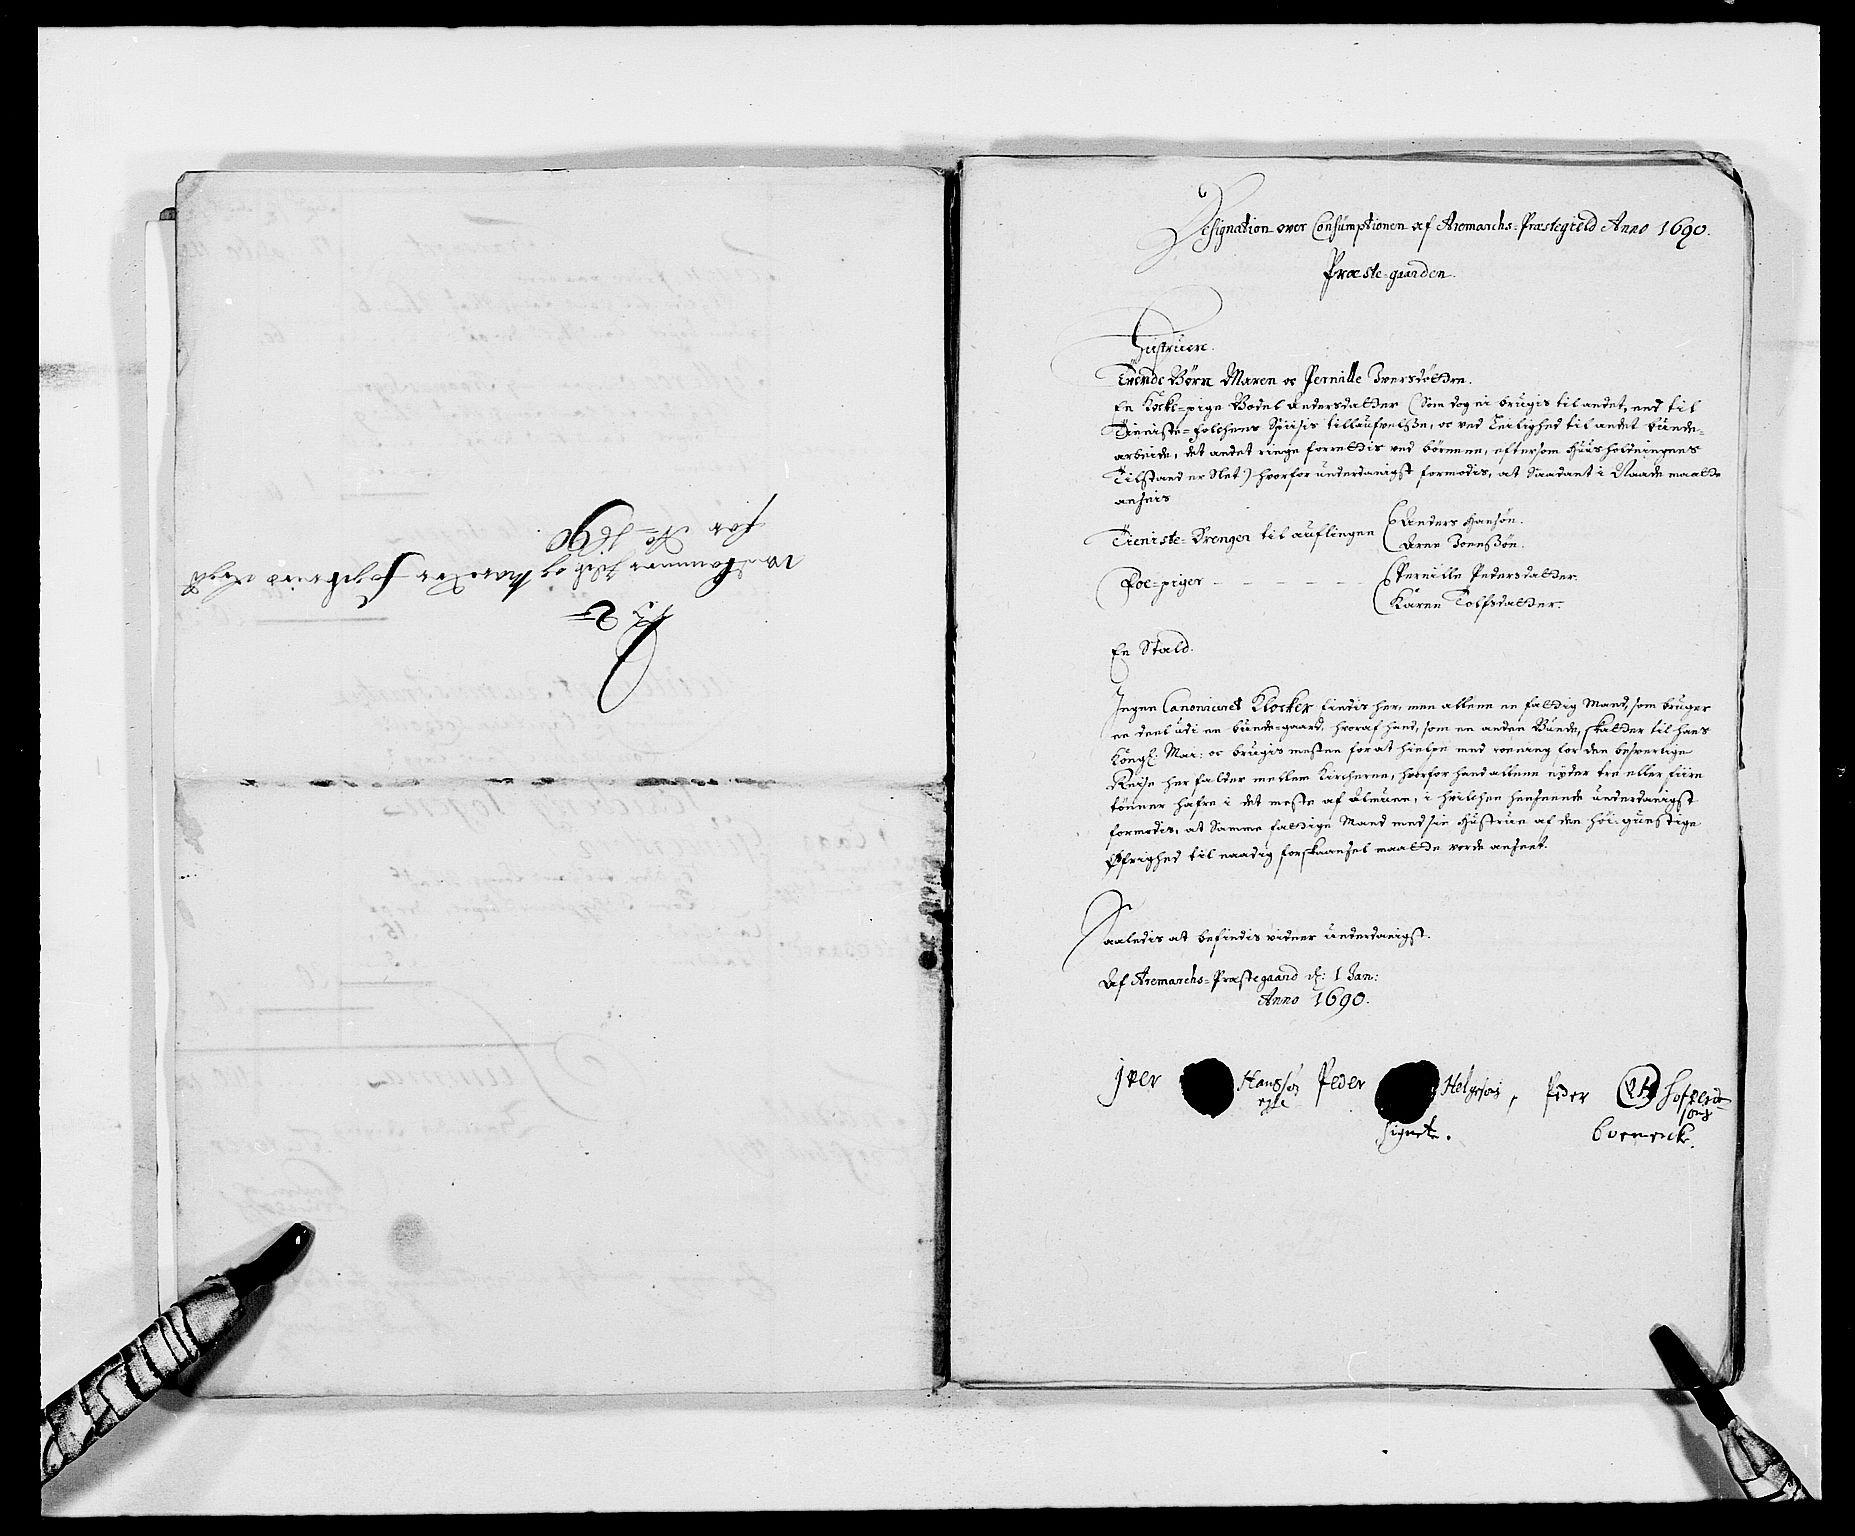 RA, Rentekammeret inntil 1814, Reviderte regnskaper, Fogderegnskap, R01/L0010: Fogderegnskap Idd og Marker, 1690-1691, p. 48